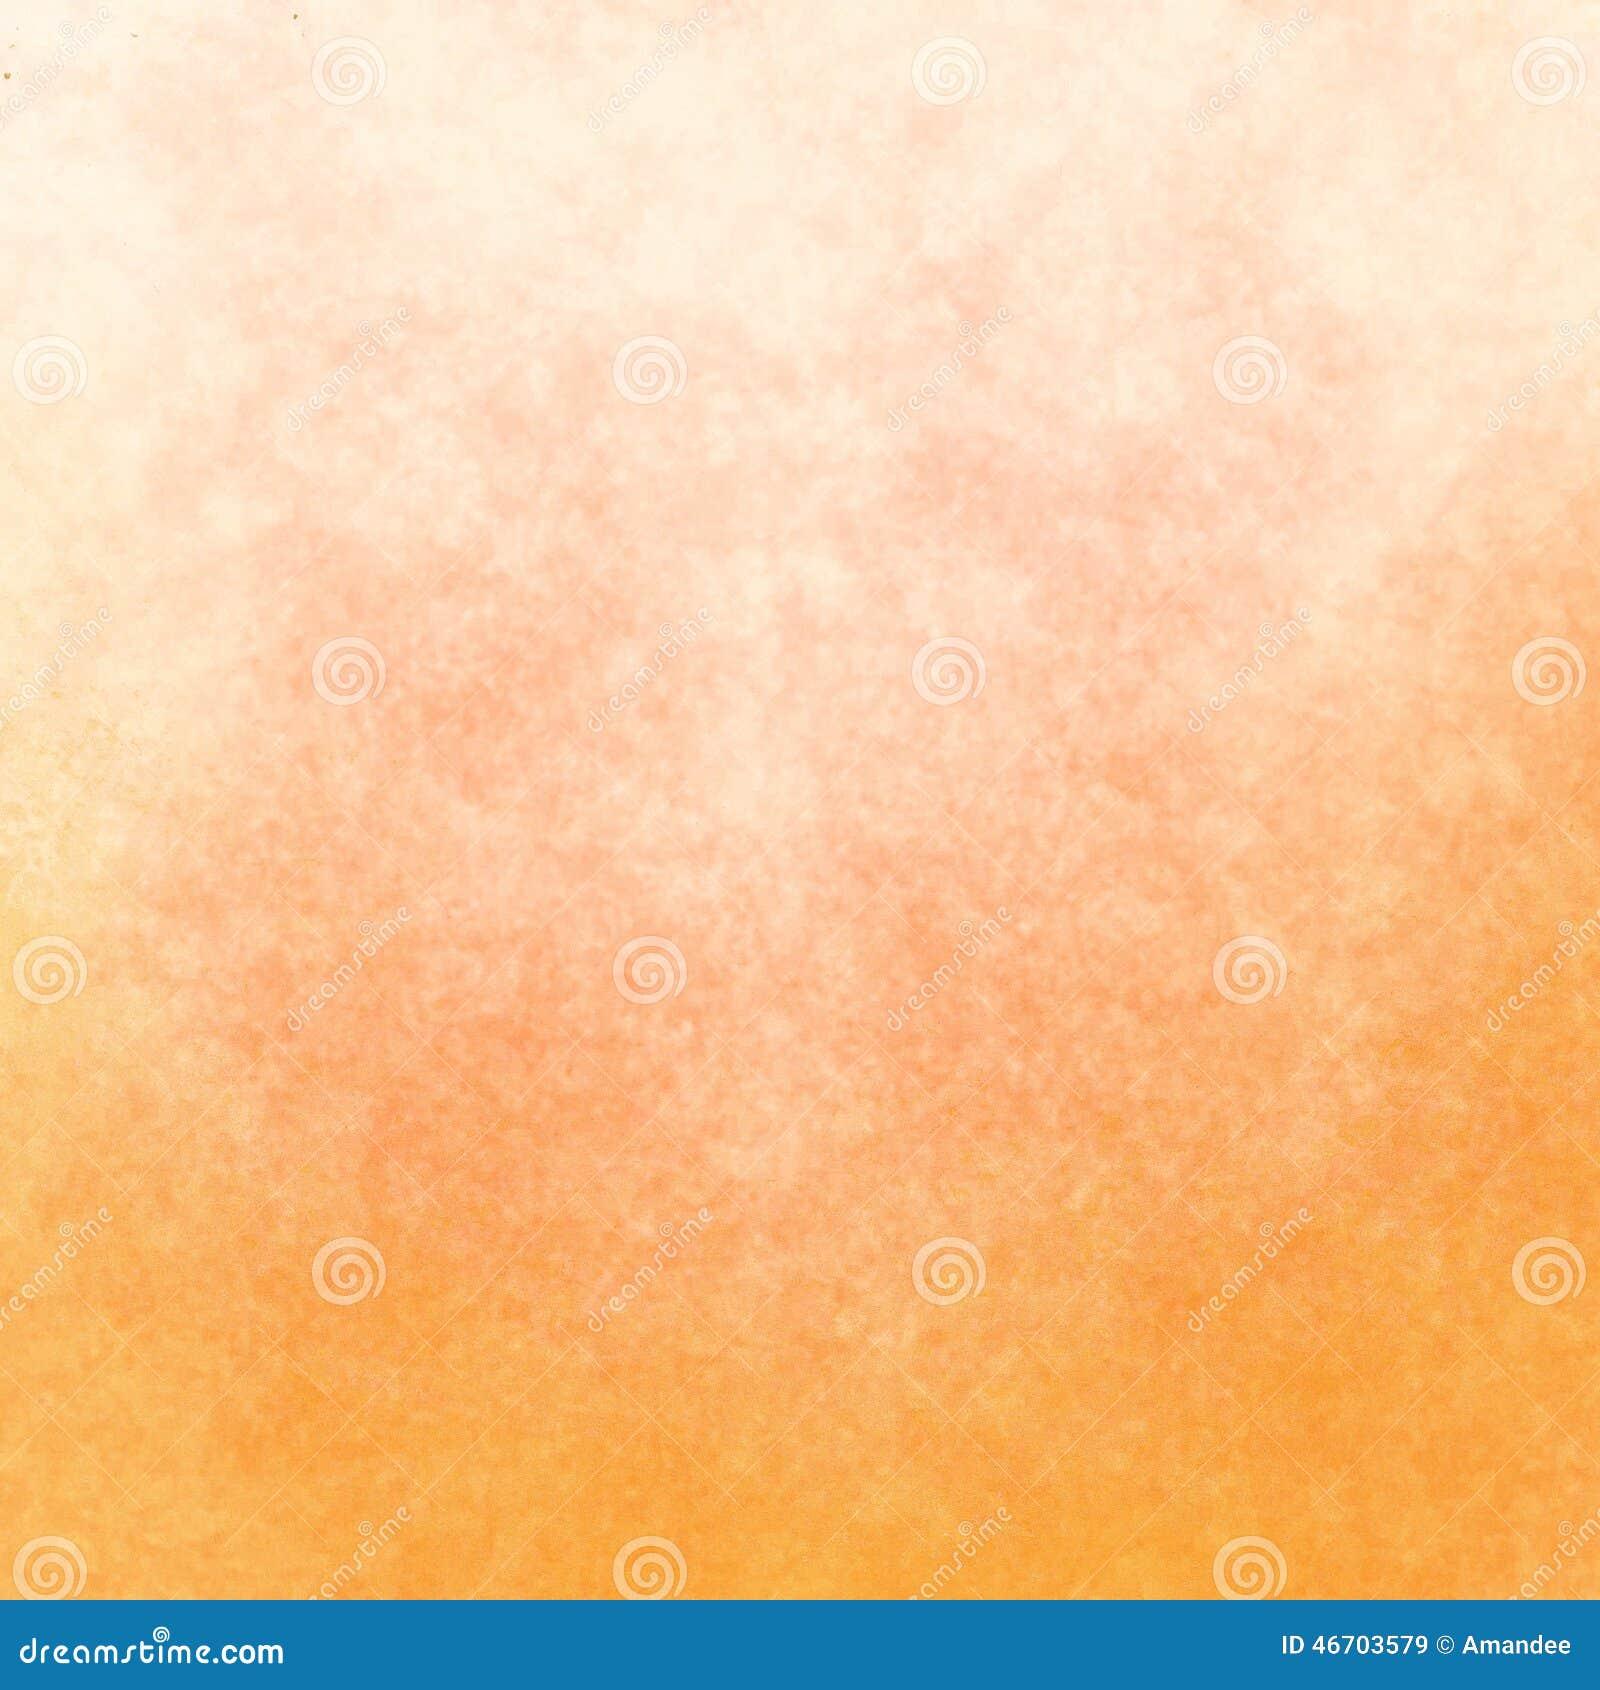 Μαλακός κίτρινος κλίσης στο πορτοκαλί υπόβαθρο χρώματος με το σχέδιο σύστασης, θερμά χρώματα υποβάθρου φθινοπώρου